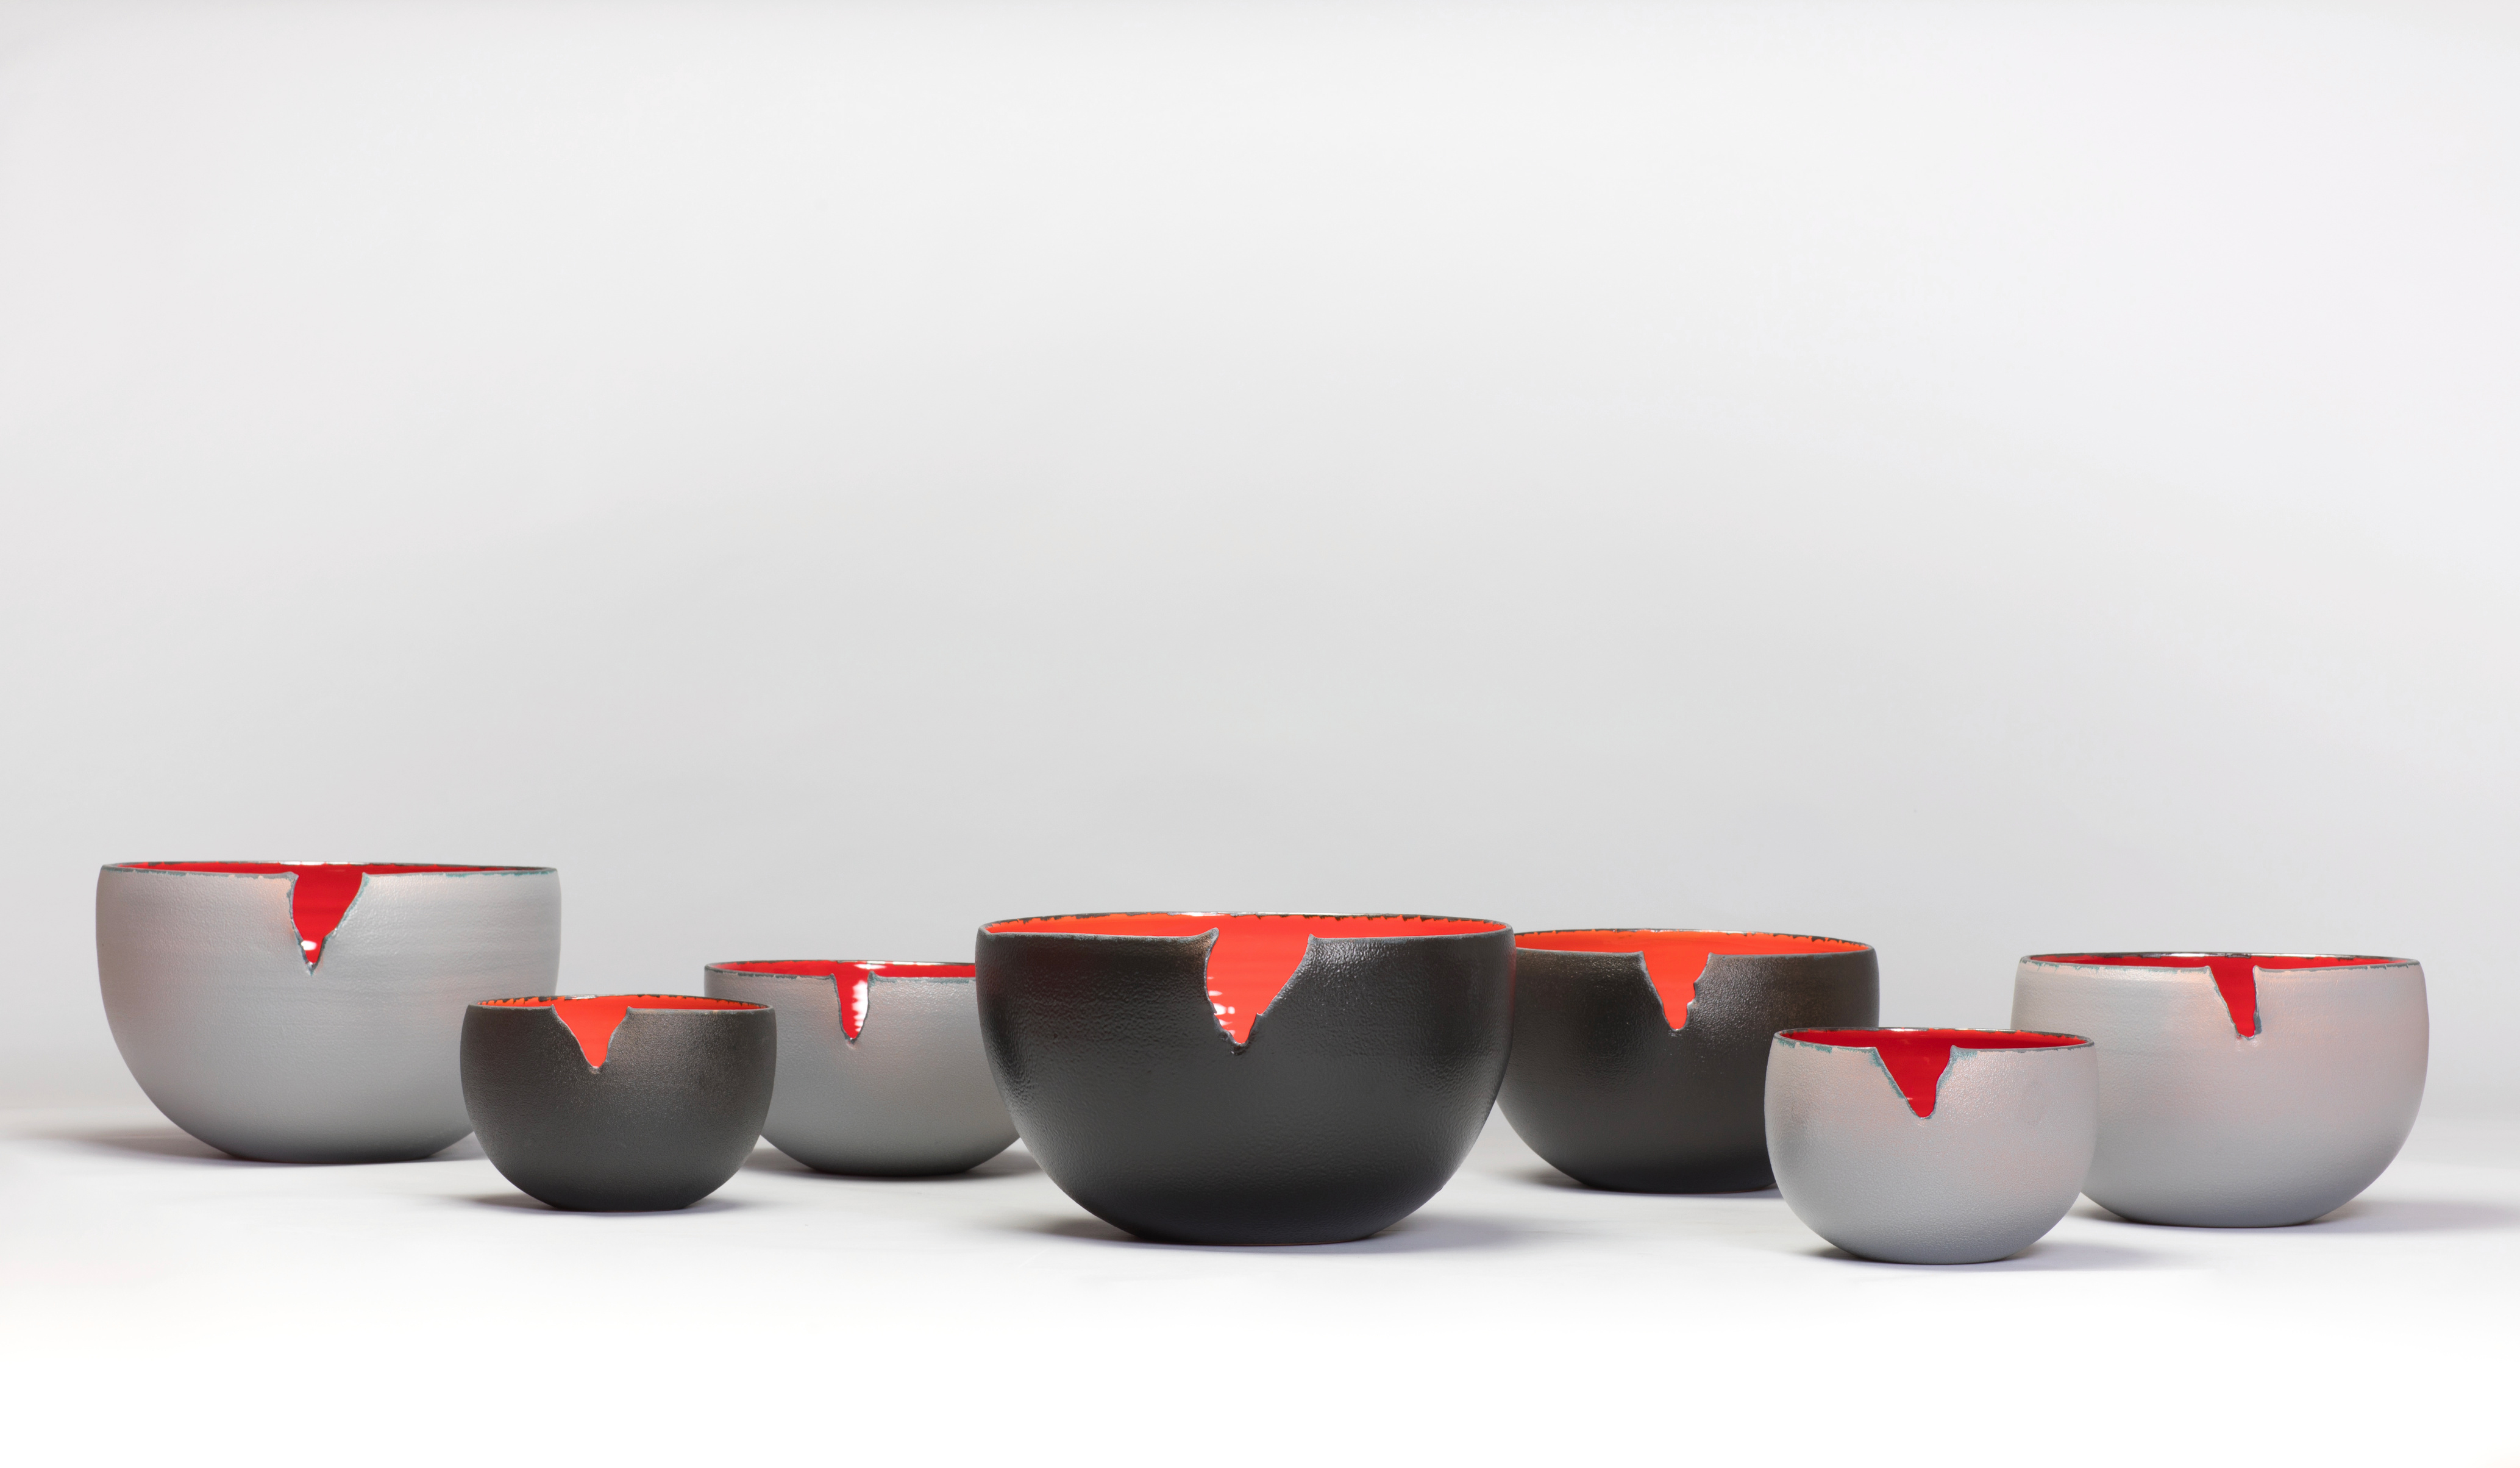 Eva mun oggetti d arredo in ceramica tra design e craft for Oggetti arredo design